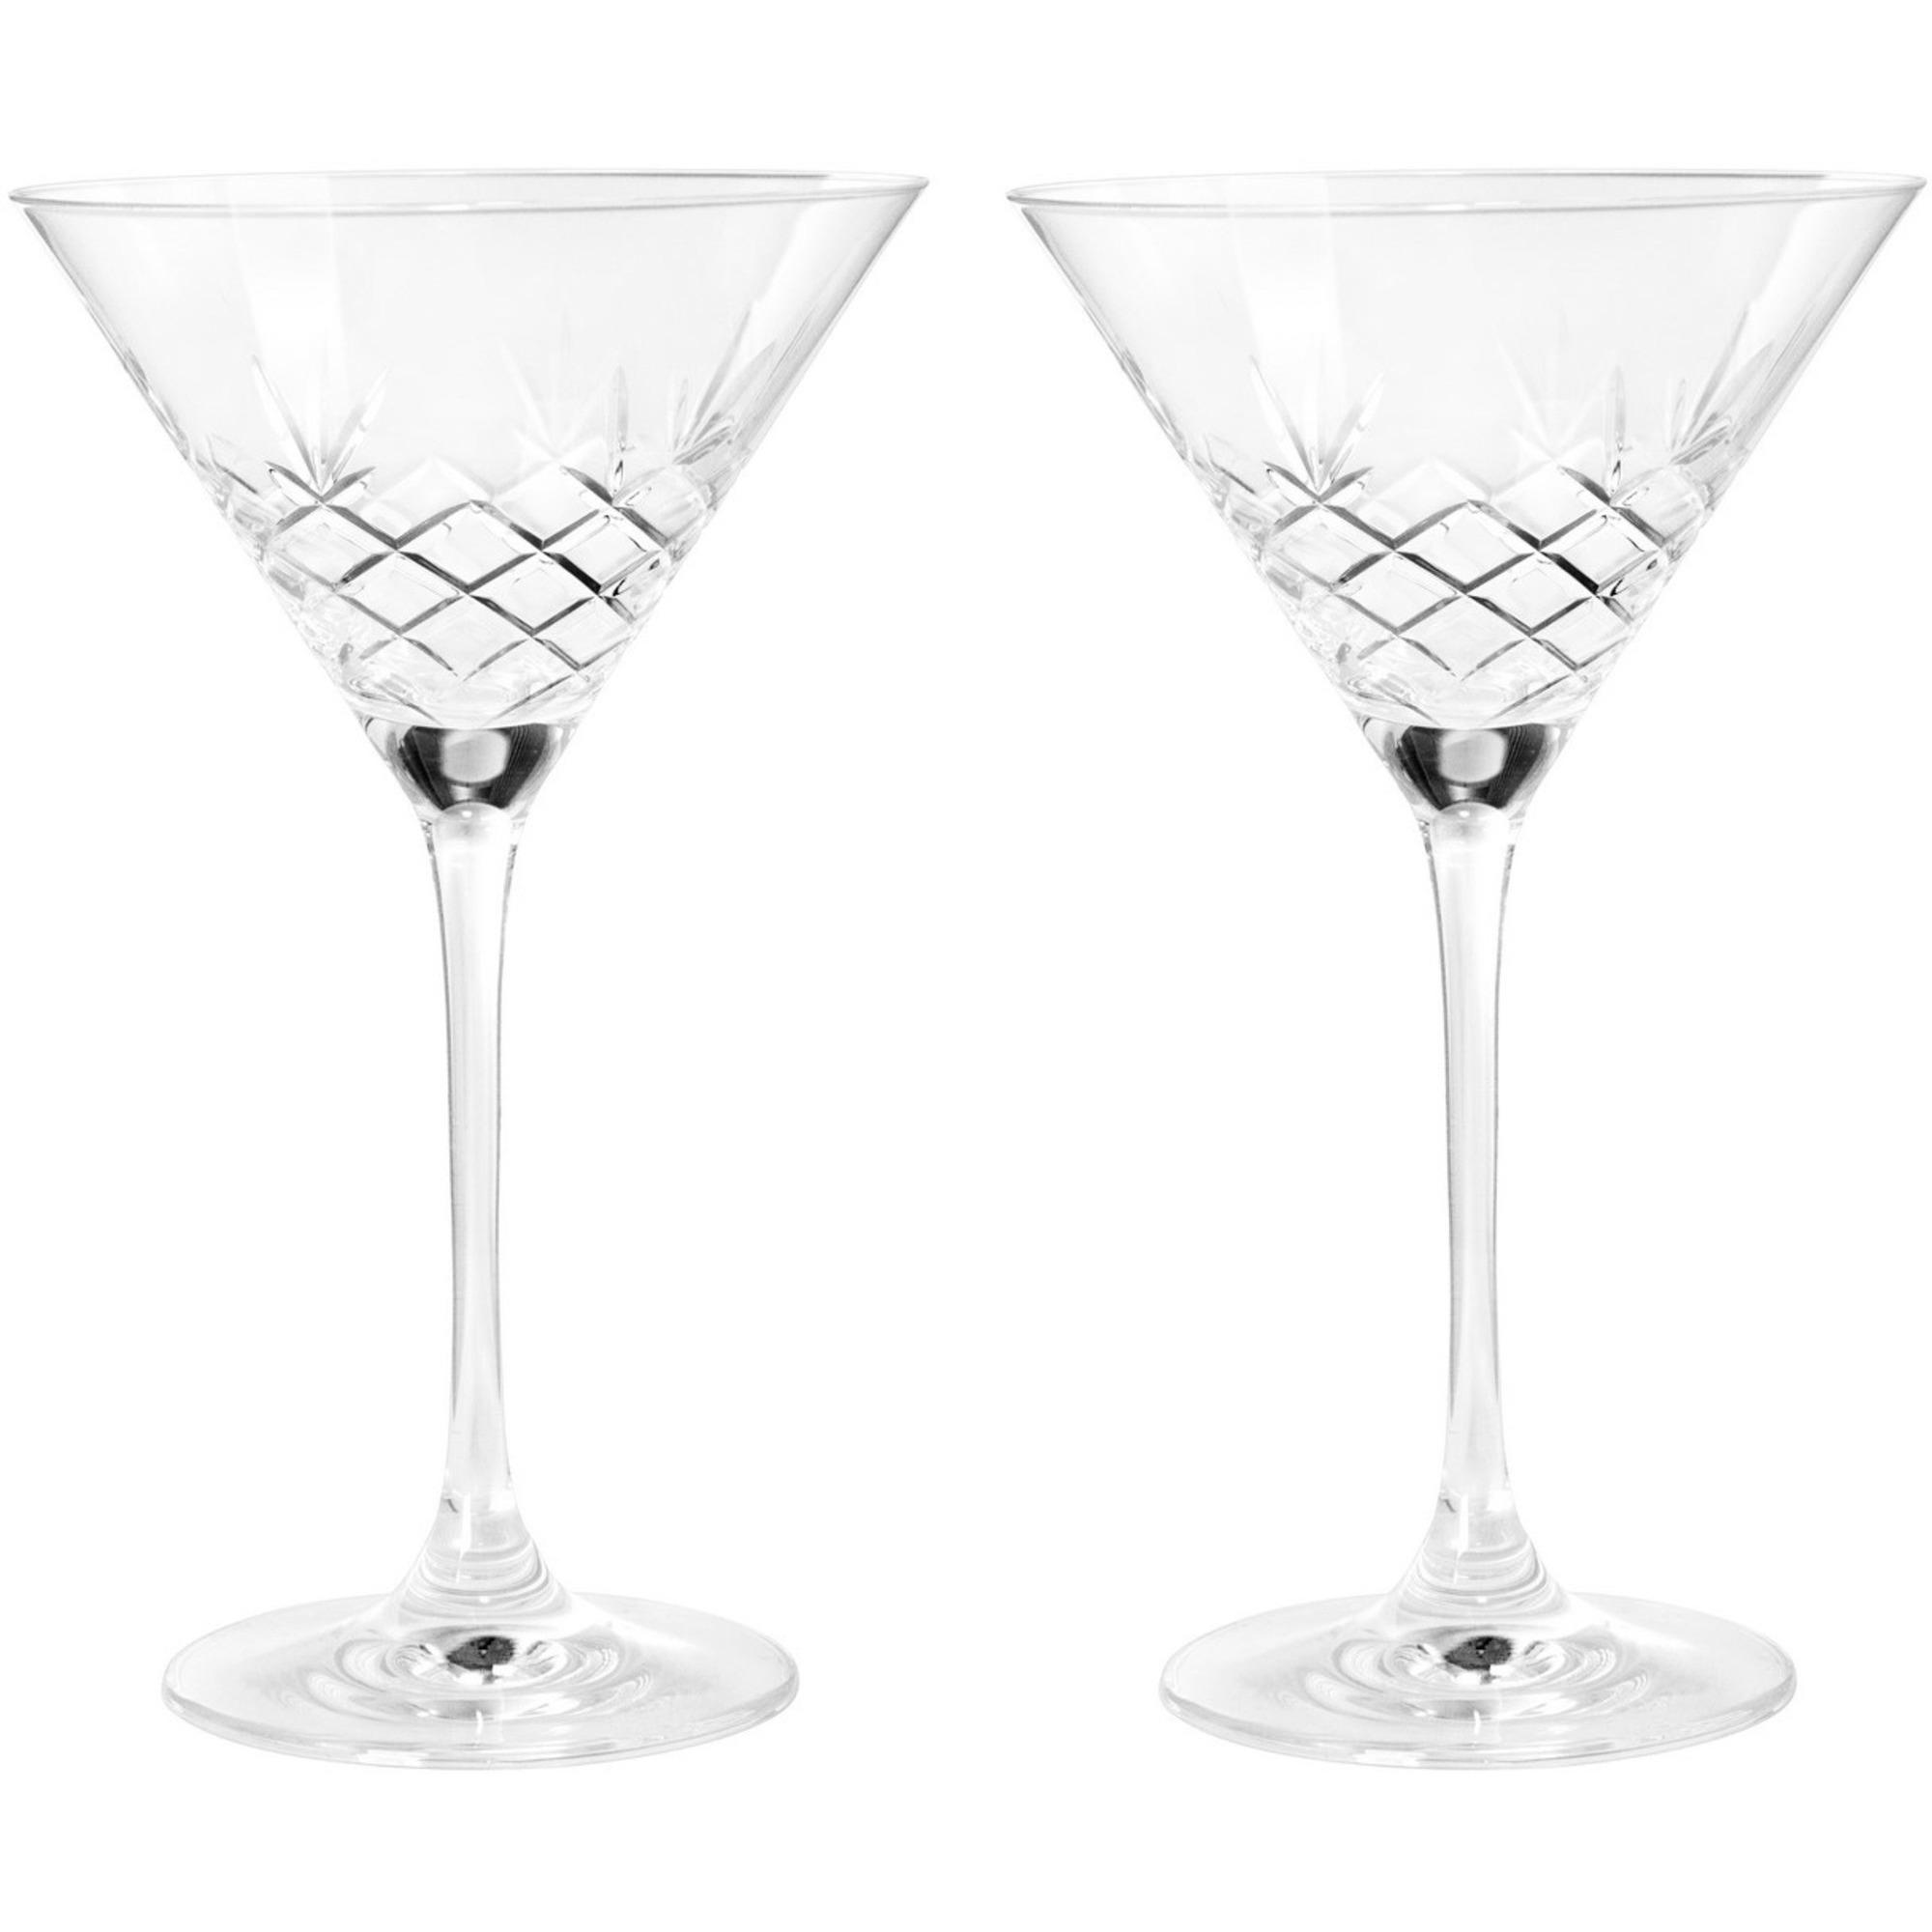 Frederik Bagger Crispy Cocktailglas 2 st.